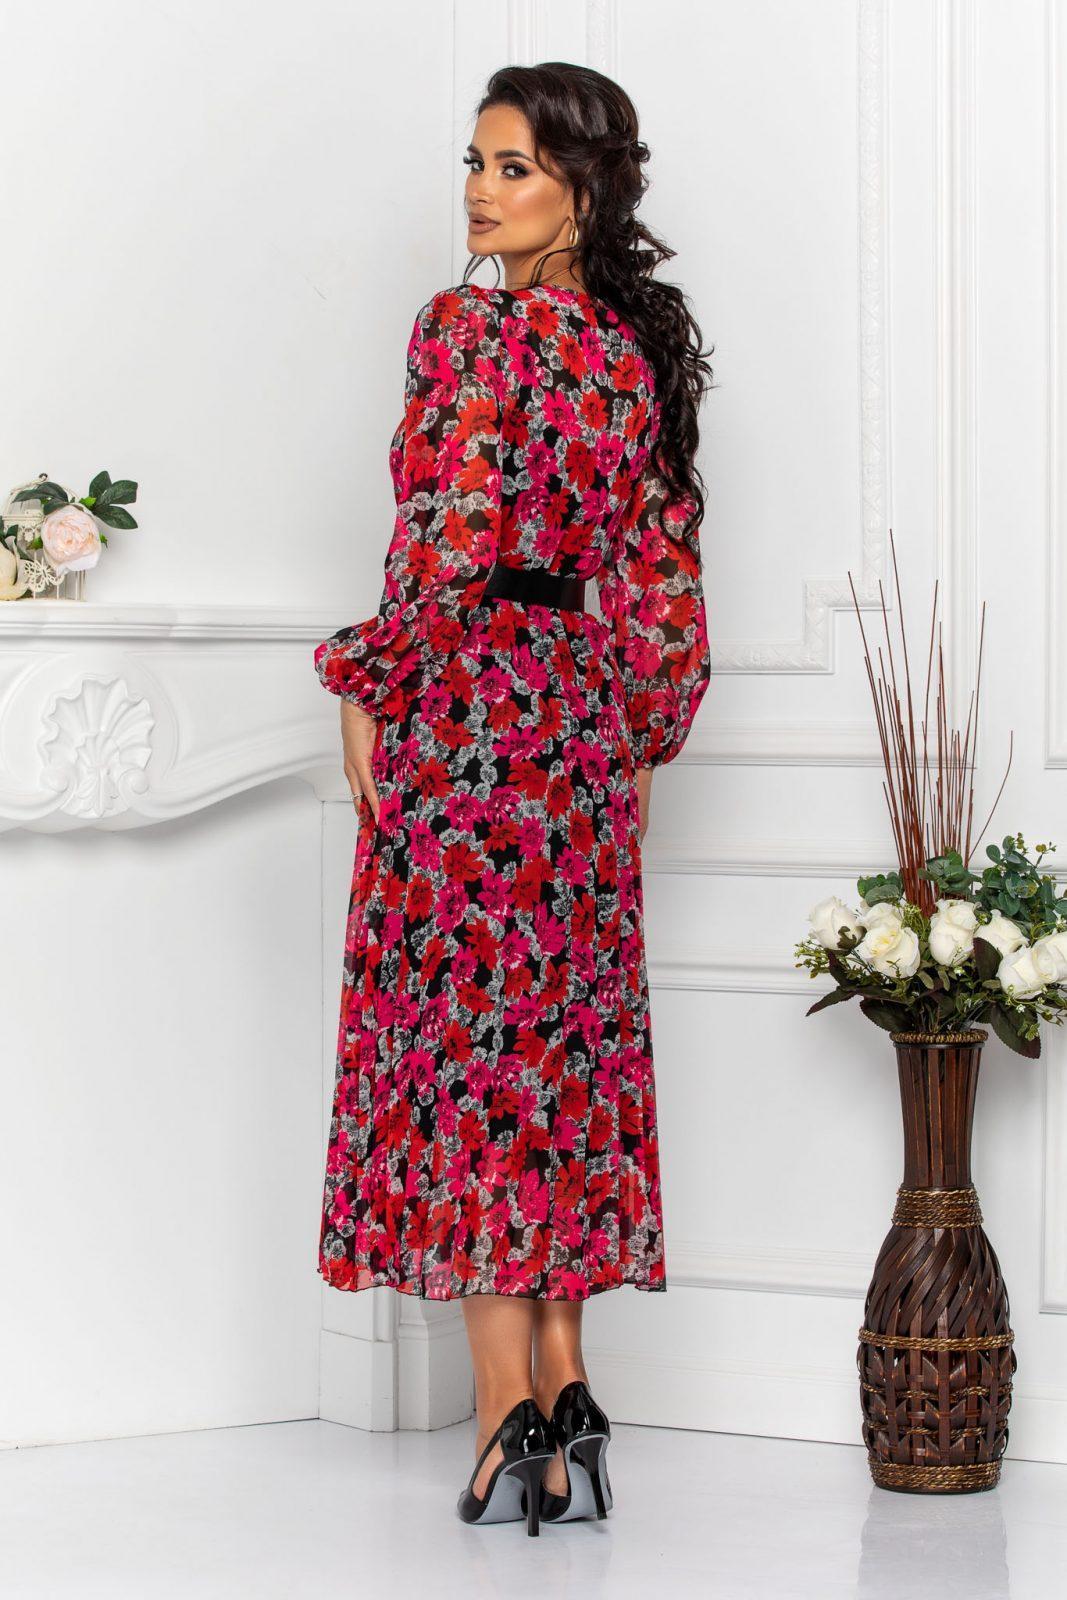 Φούξια Φλοράλ Φόρεμα Με Μαύρη Ζώνη Malina 7577